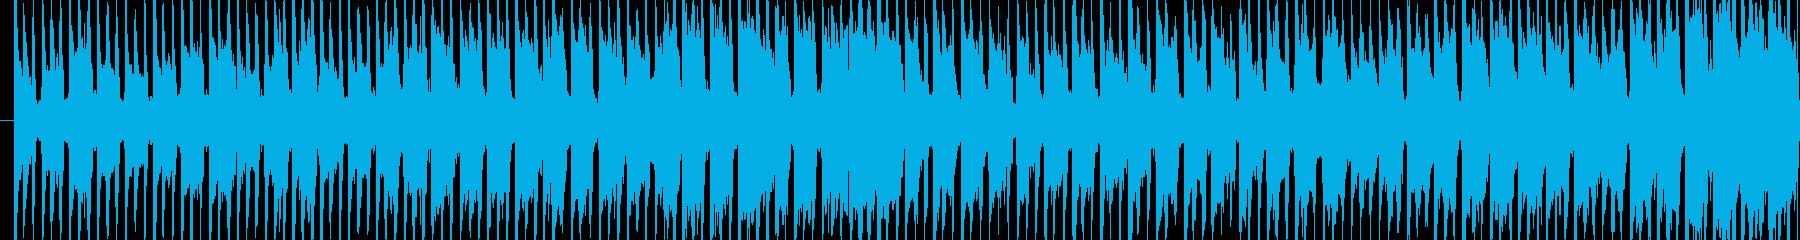 ・ゲーム中のテーマパークやボーナスステ…の再生済みの波形